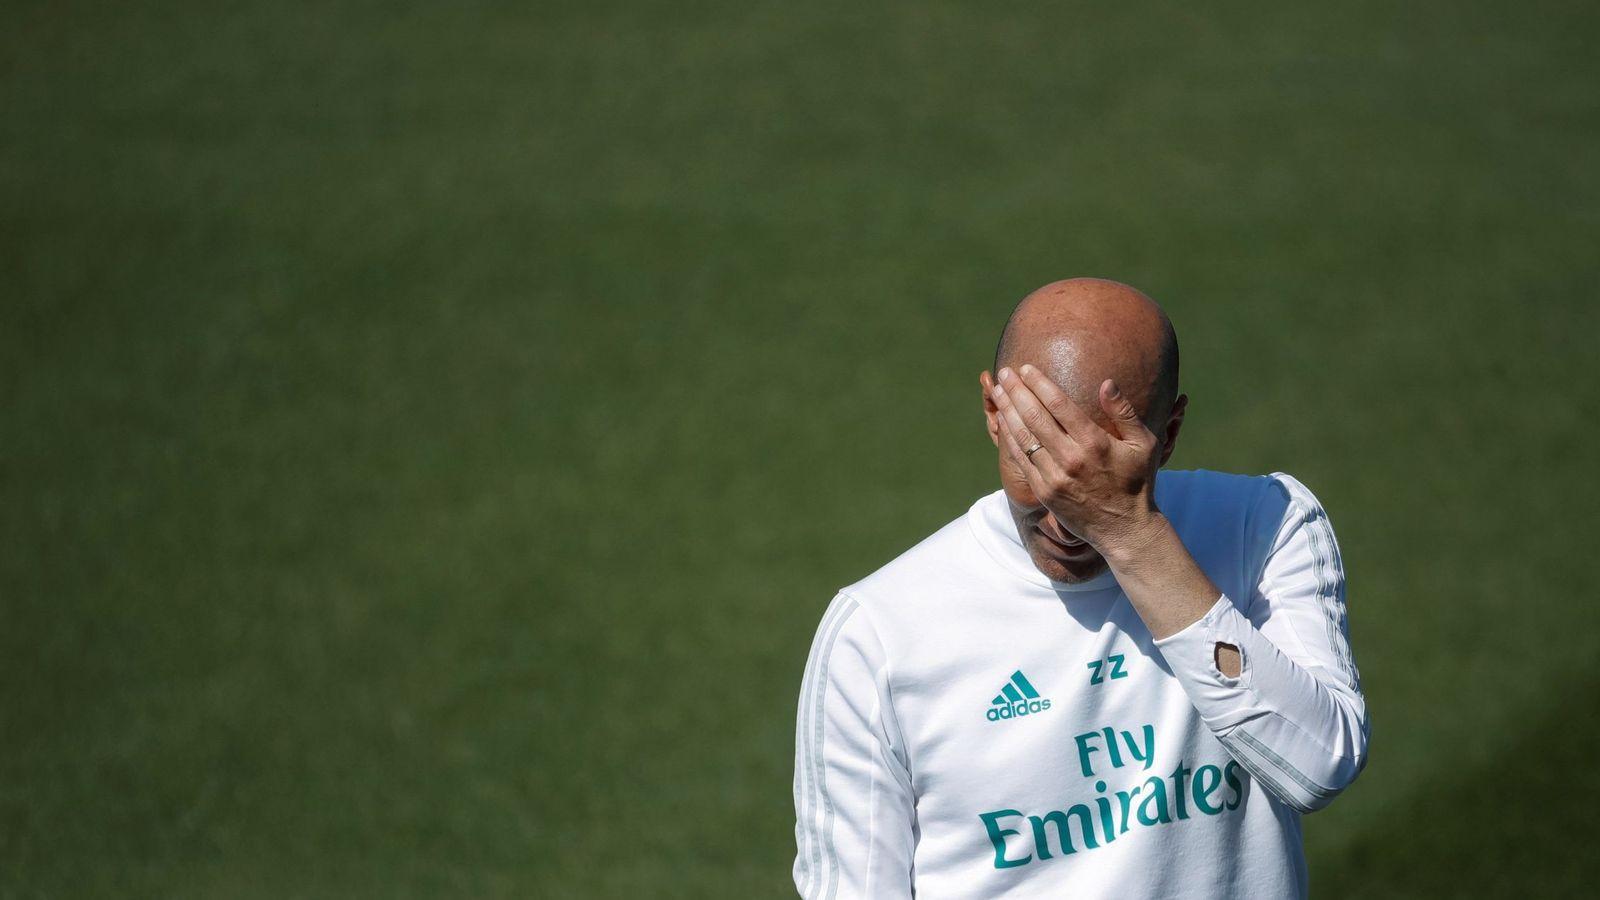 Foto: Zidane se tapa los ojos durante un entrenamiento del Real Madrid esta temporada. (EFE)